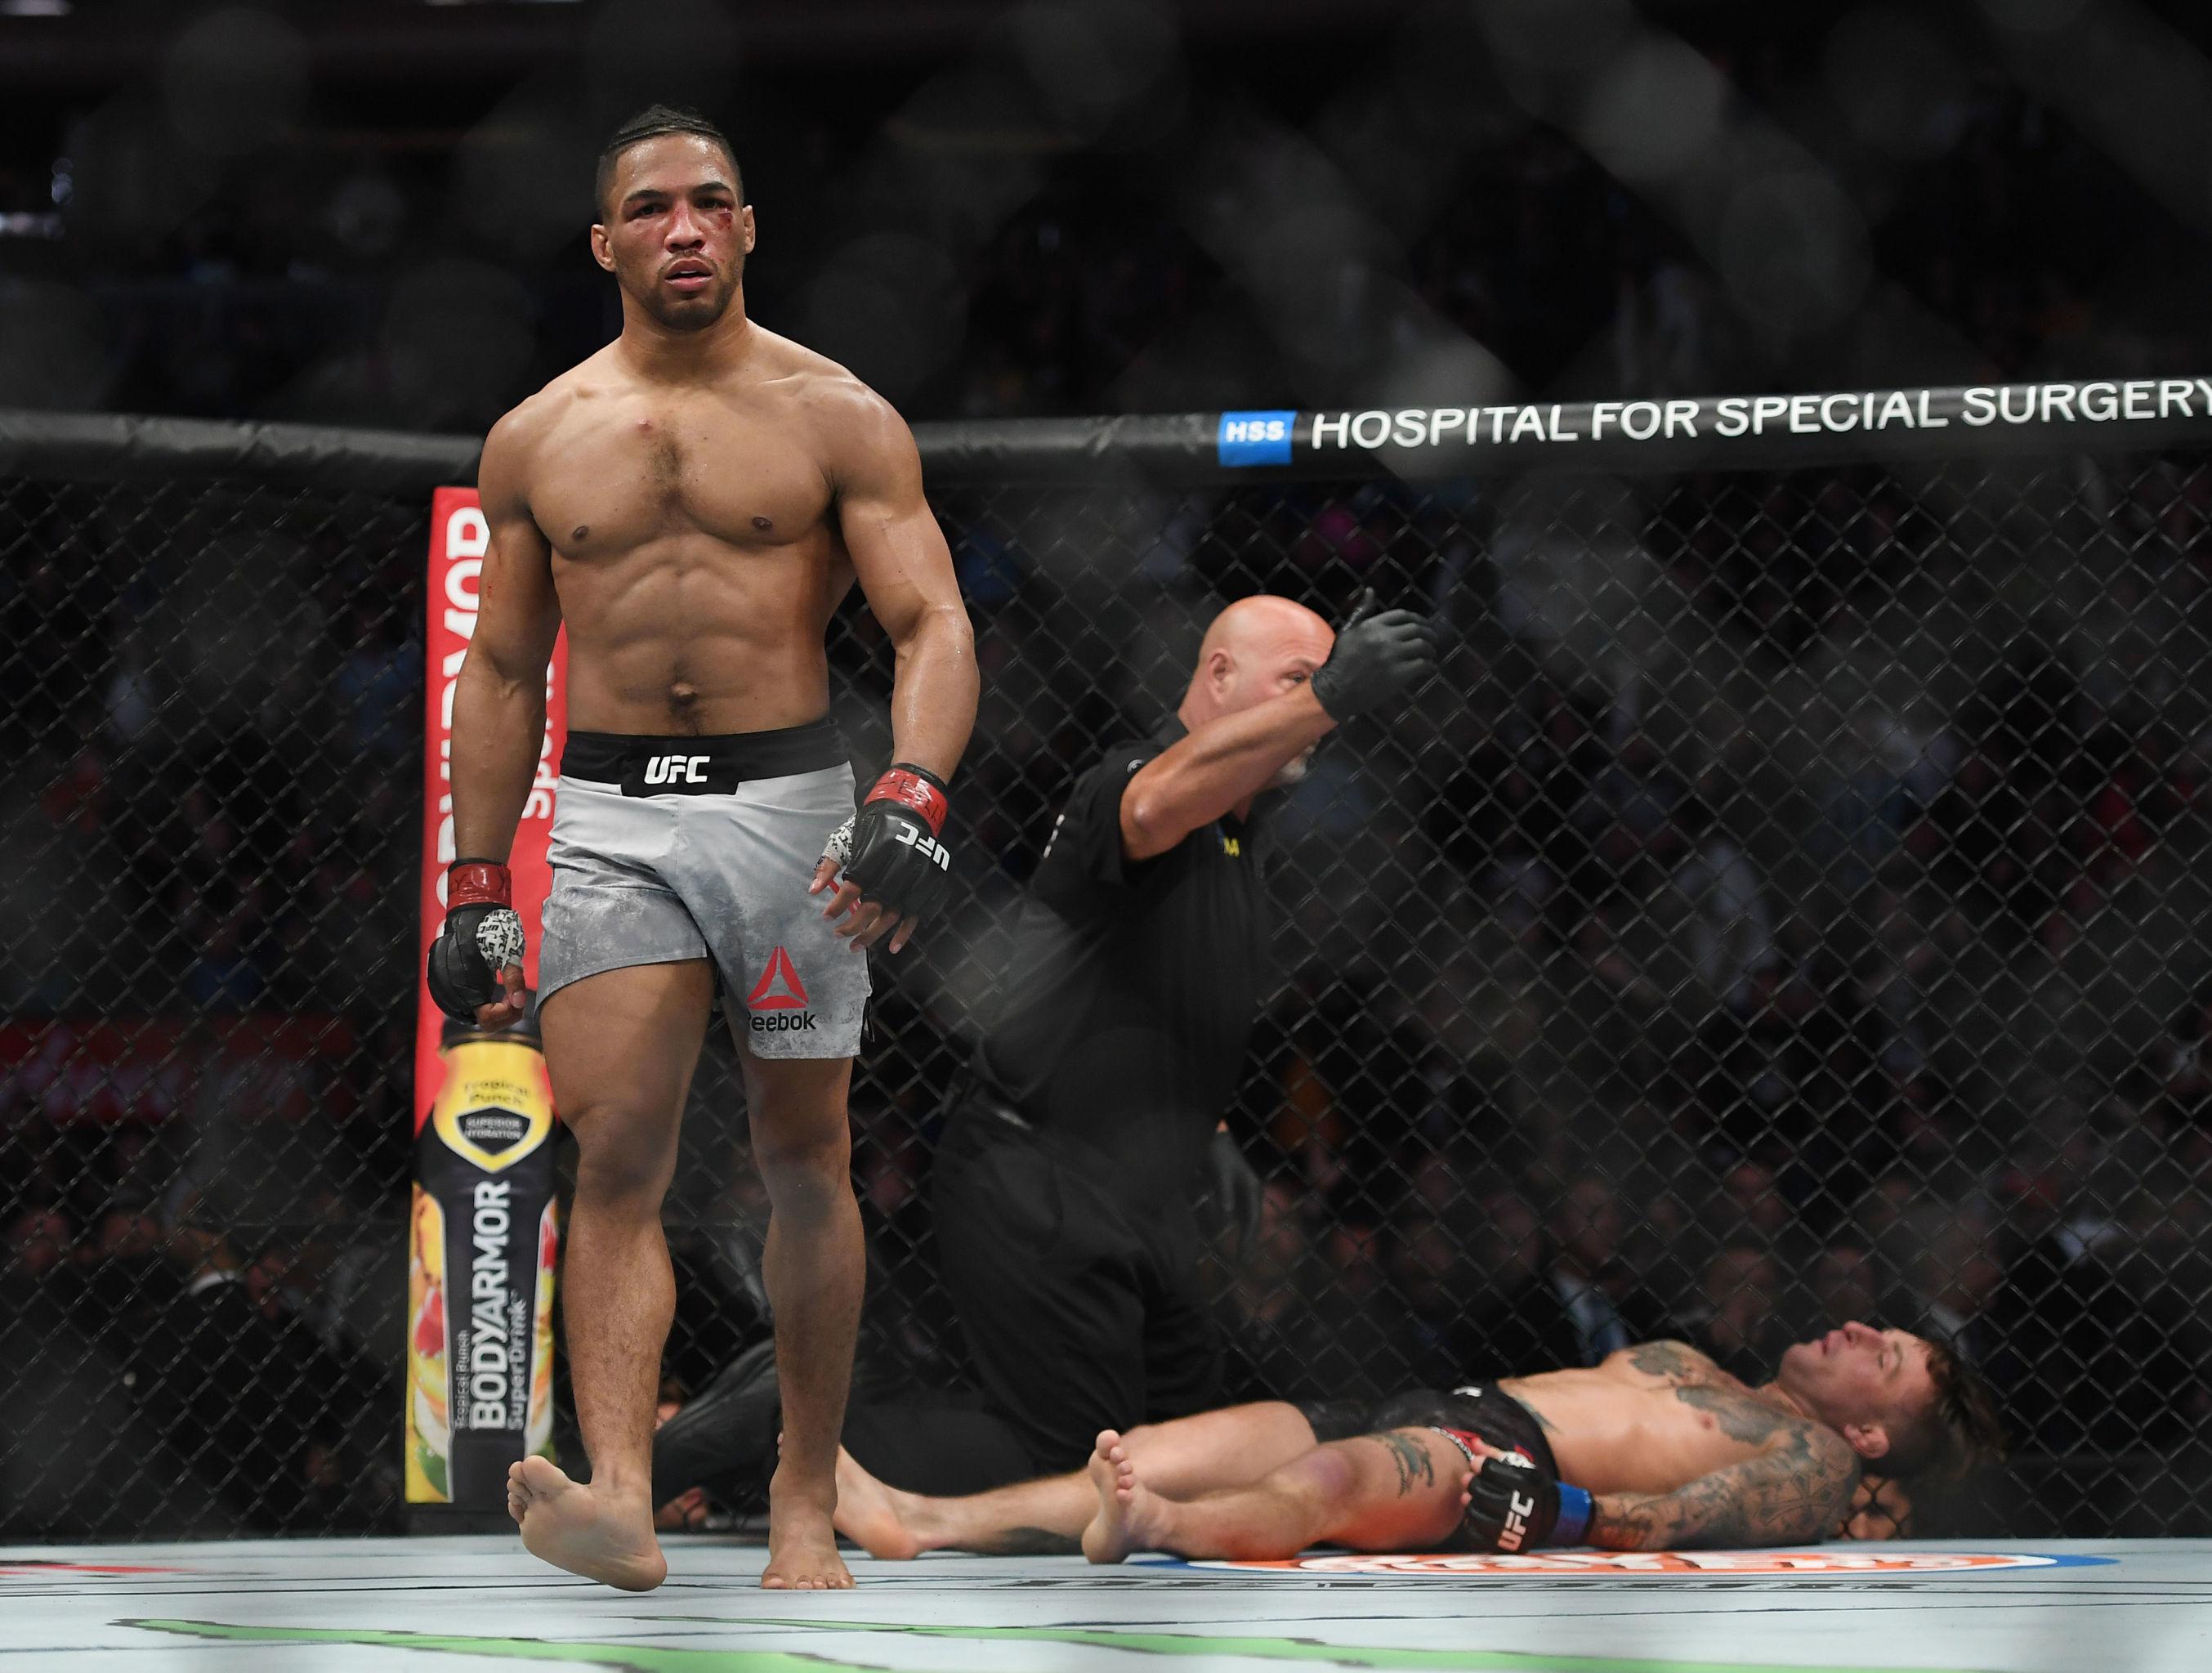 El luchador de MMA Kevin Lee noquea a su oponente Gregor Gillespie